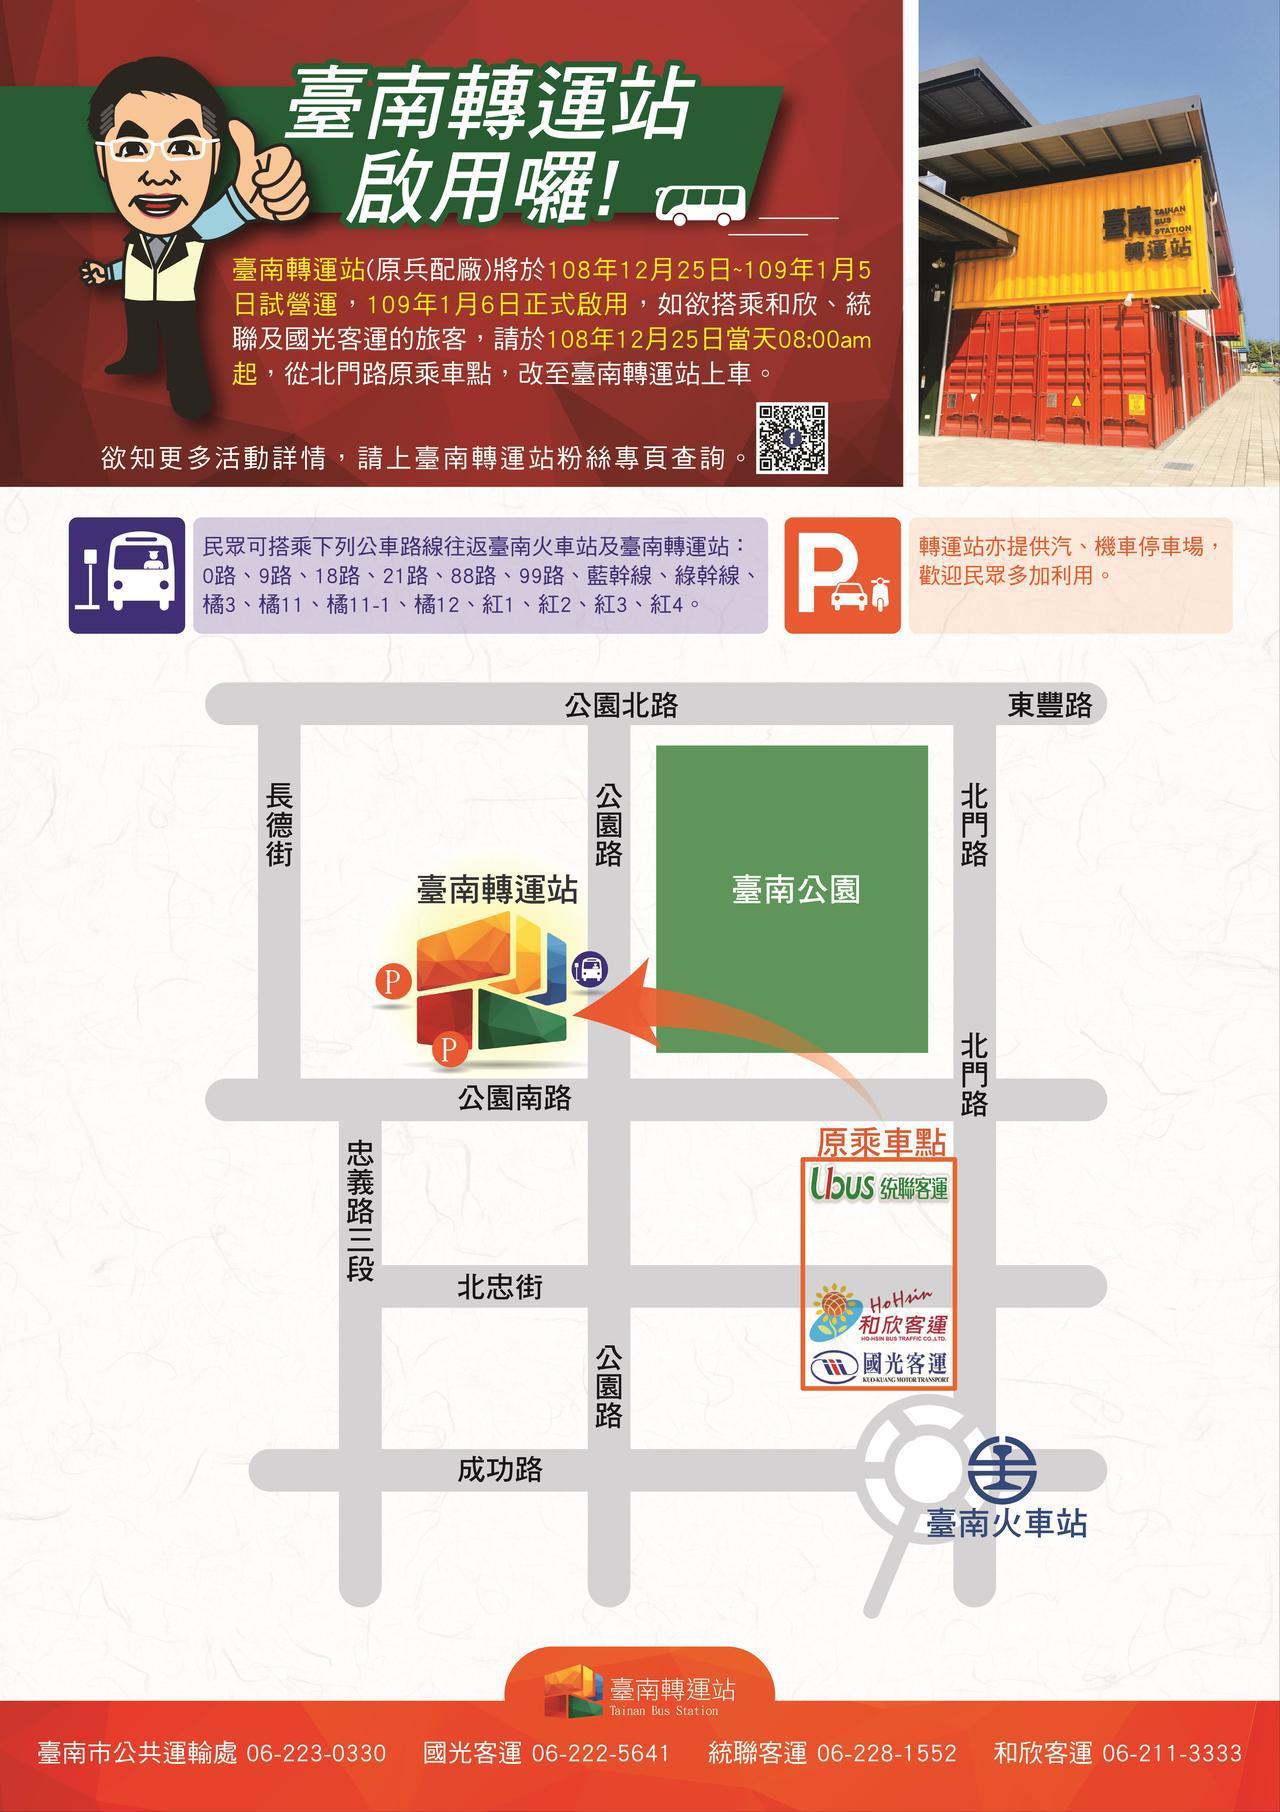 台南轉運站25日起試營運,有多條公車可以免費接駁到火車站。圖/交通局提供